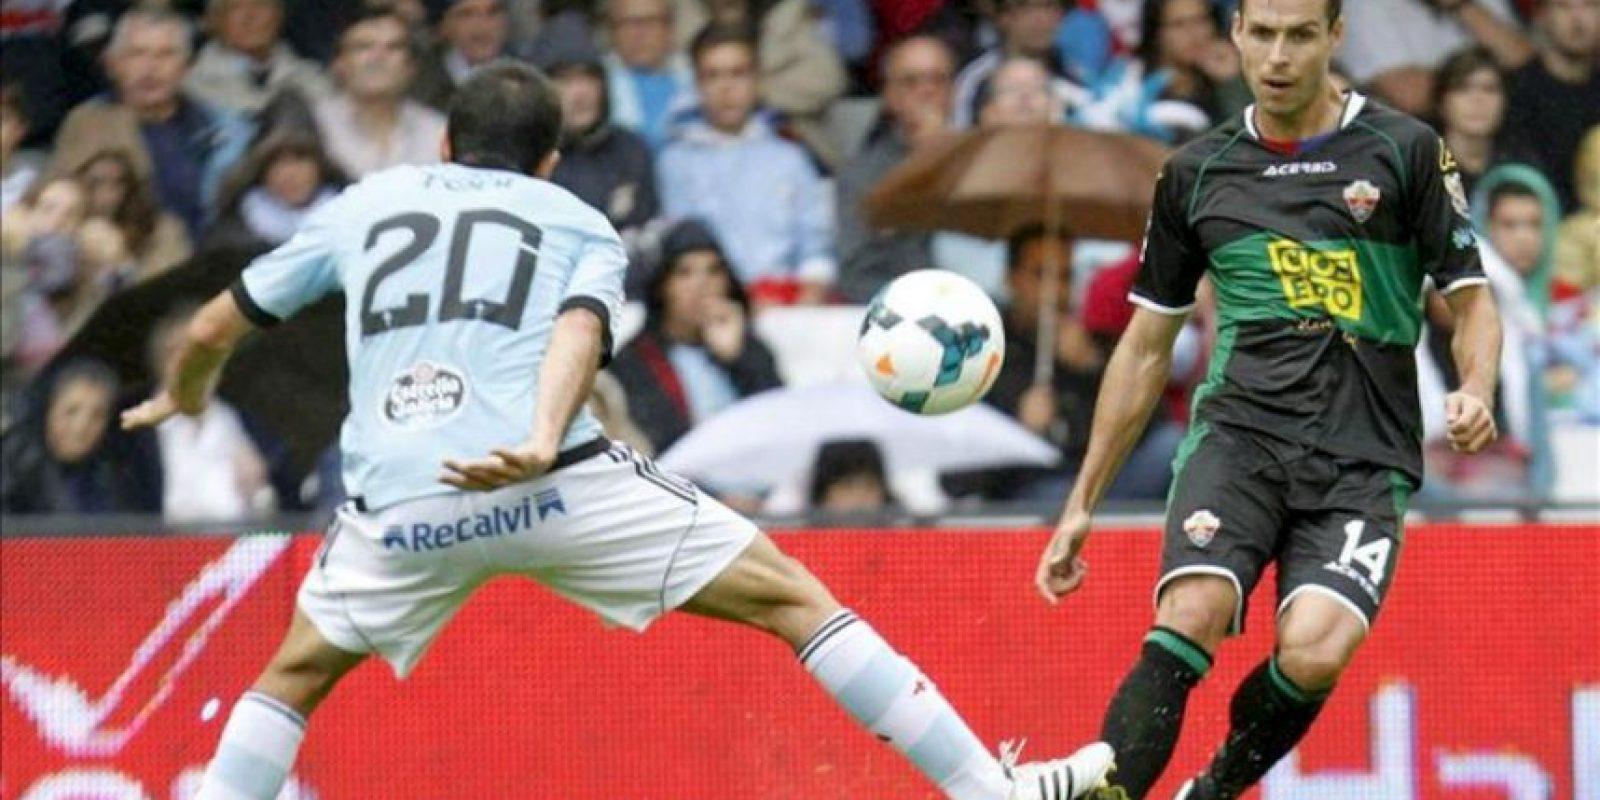 El delantero del Elche Manu Del Moral (d) ante el defensa del Celta Toni Rodríguez durante el partido de la séptima jornada de Liga de Primera División, disputado en el estadio de Balaidos. EFE